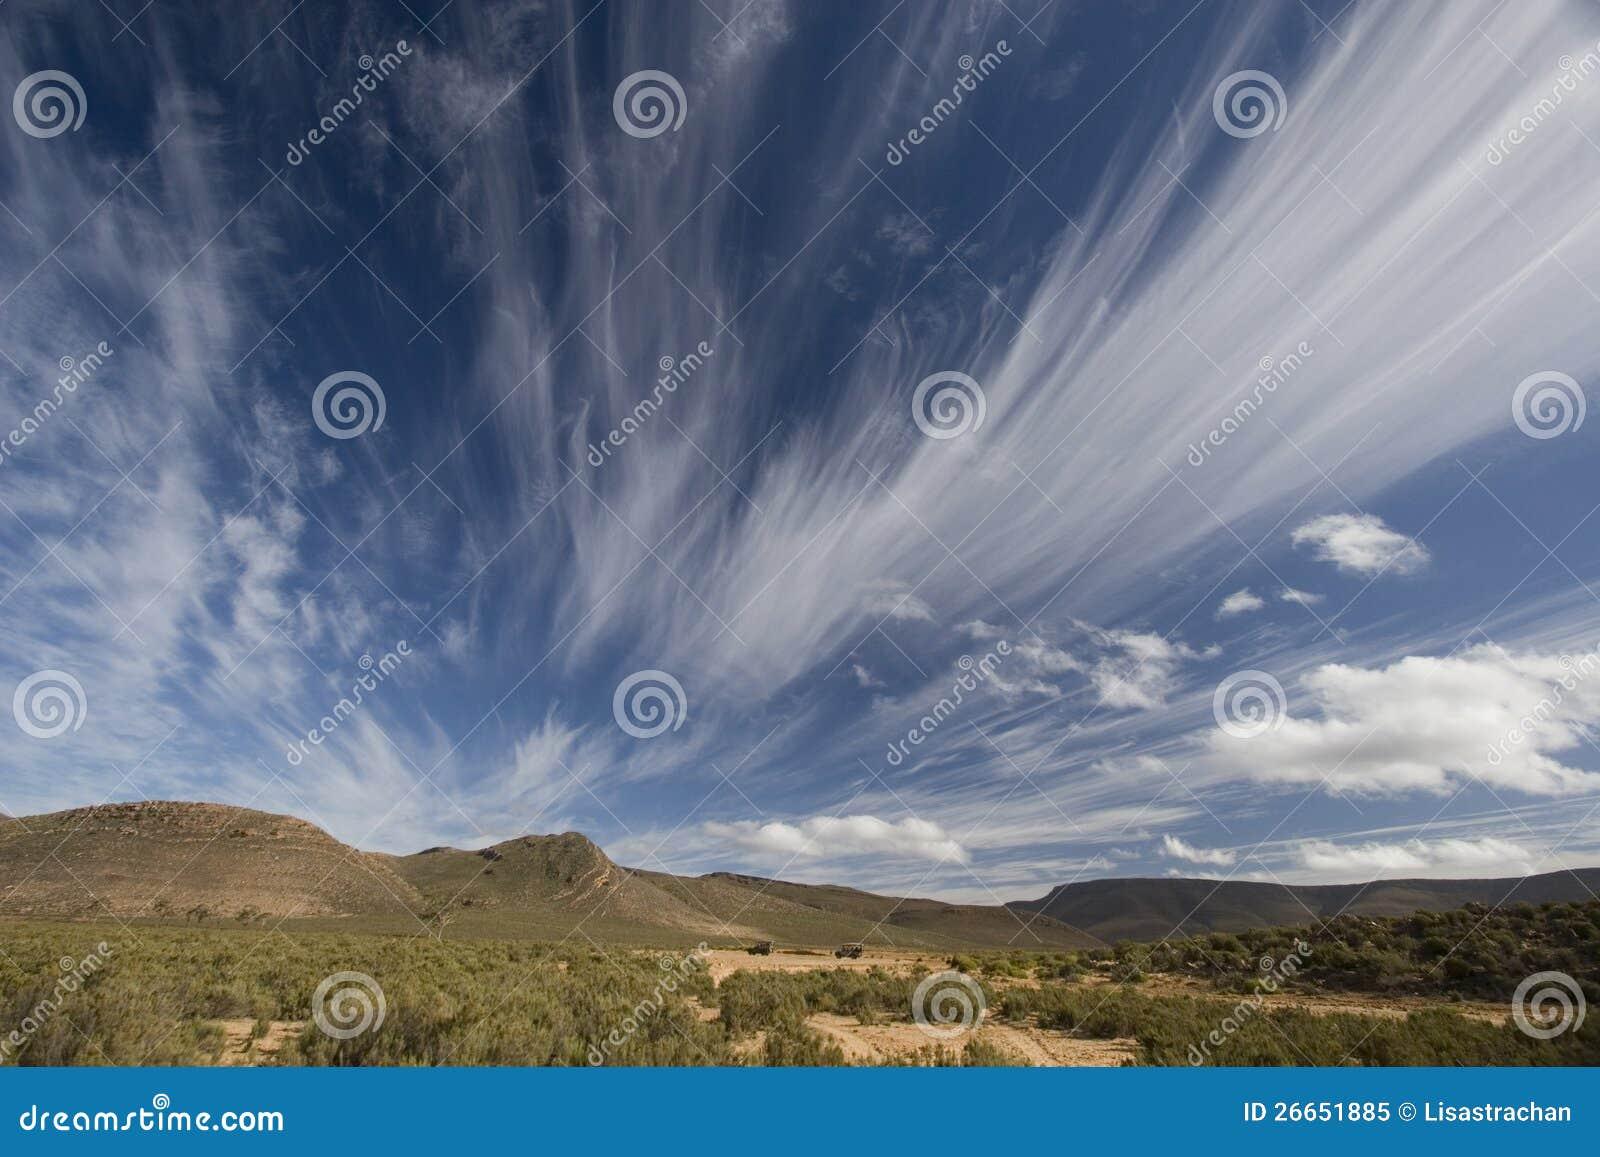 Spectaculaire wolken over het landschap